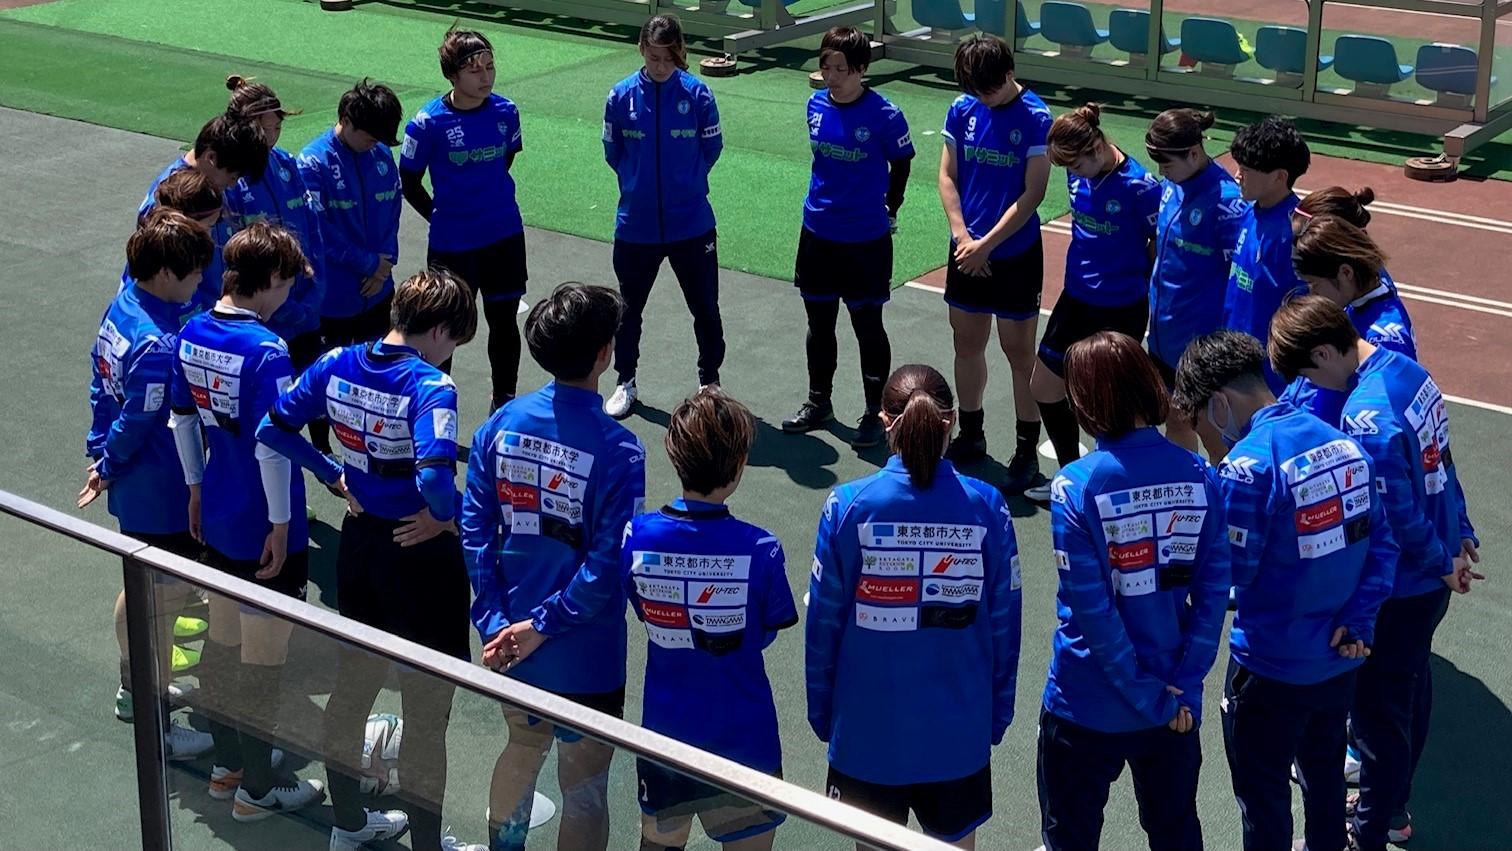 なでしこリーグ1部 スフィーダ世田谷FC トレーニングウェアの背中に注目!